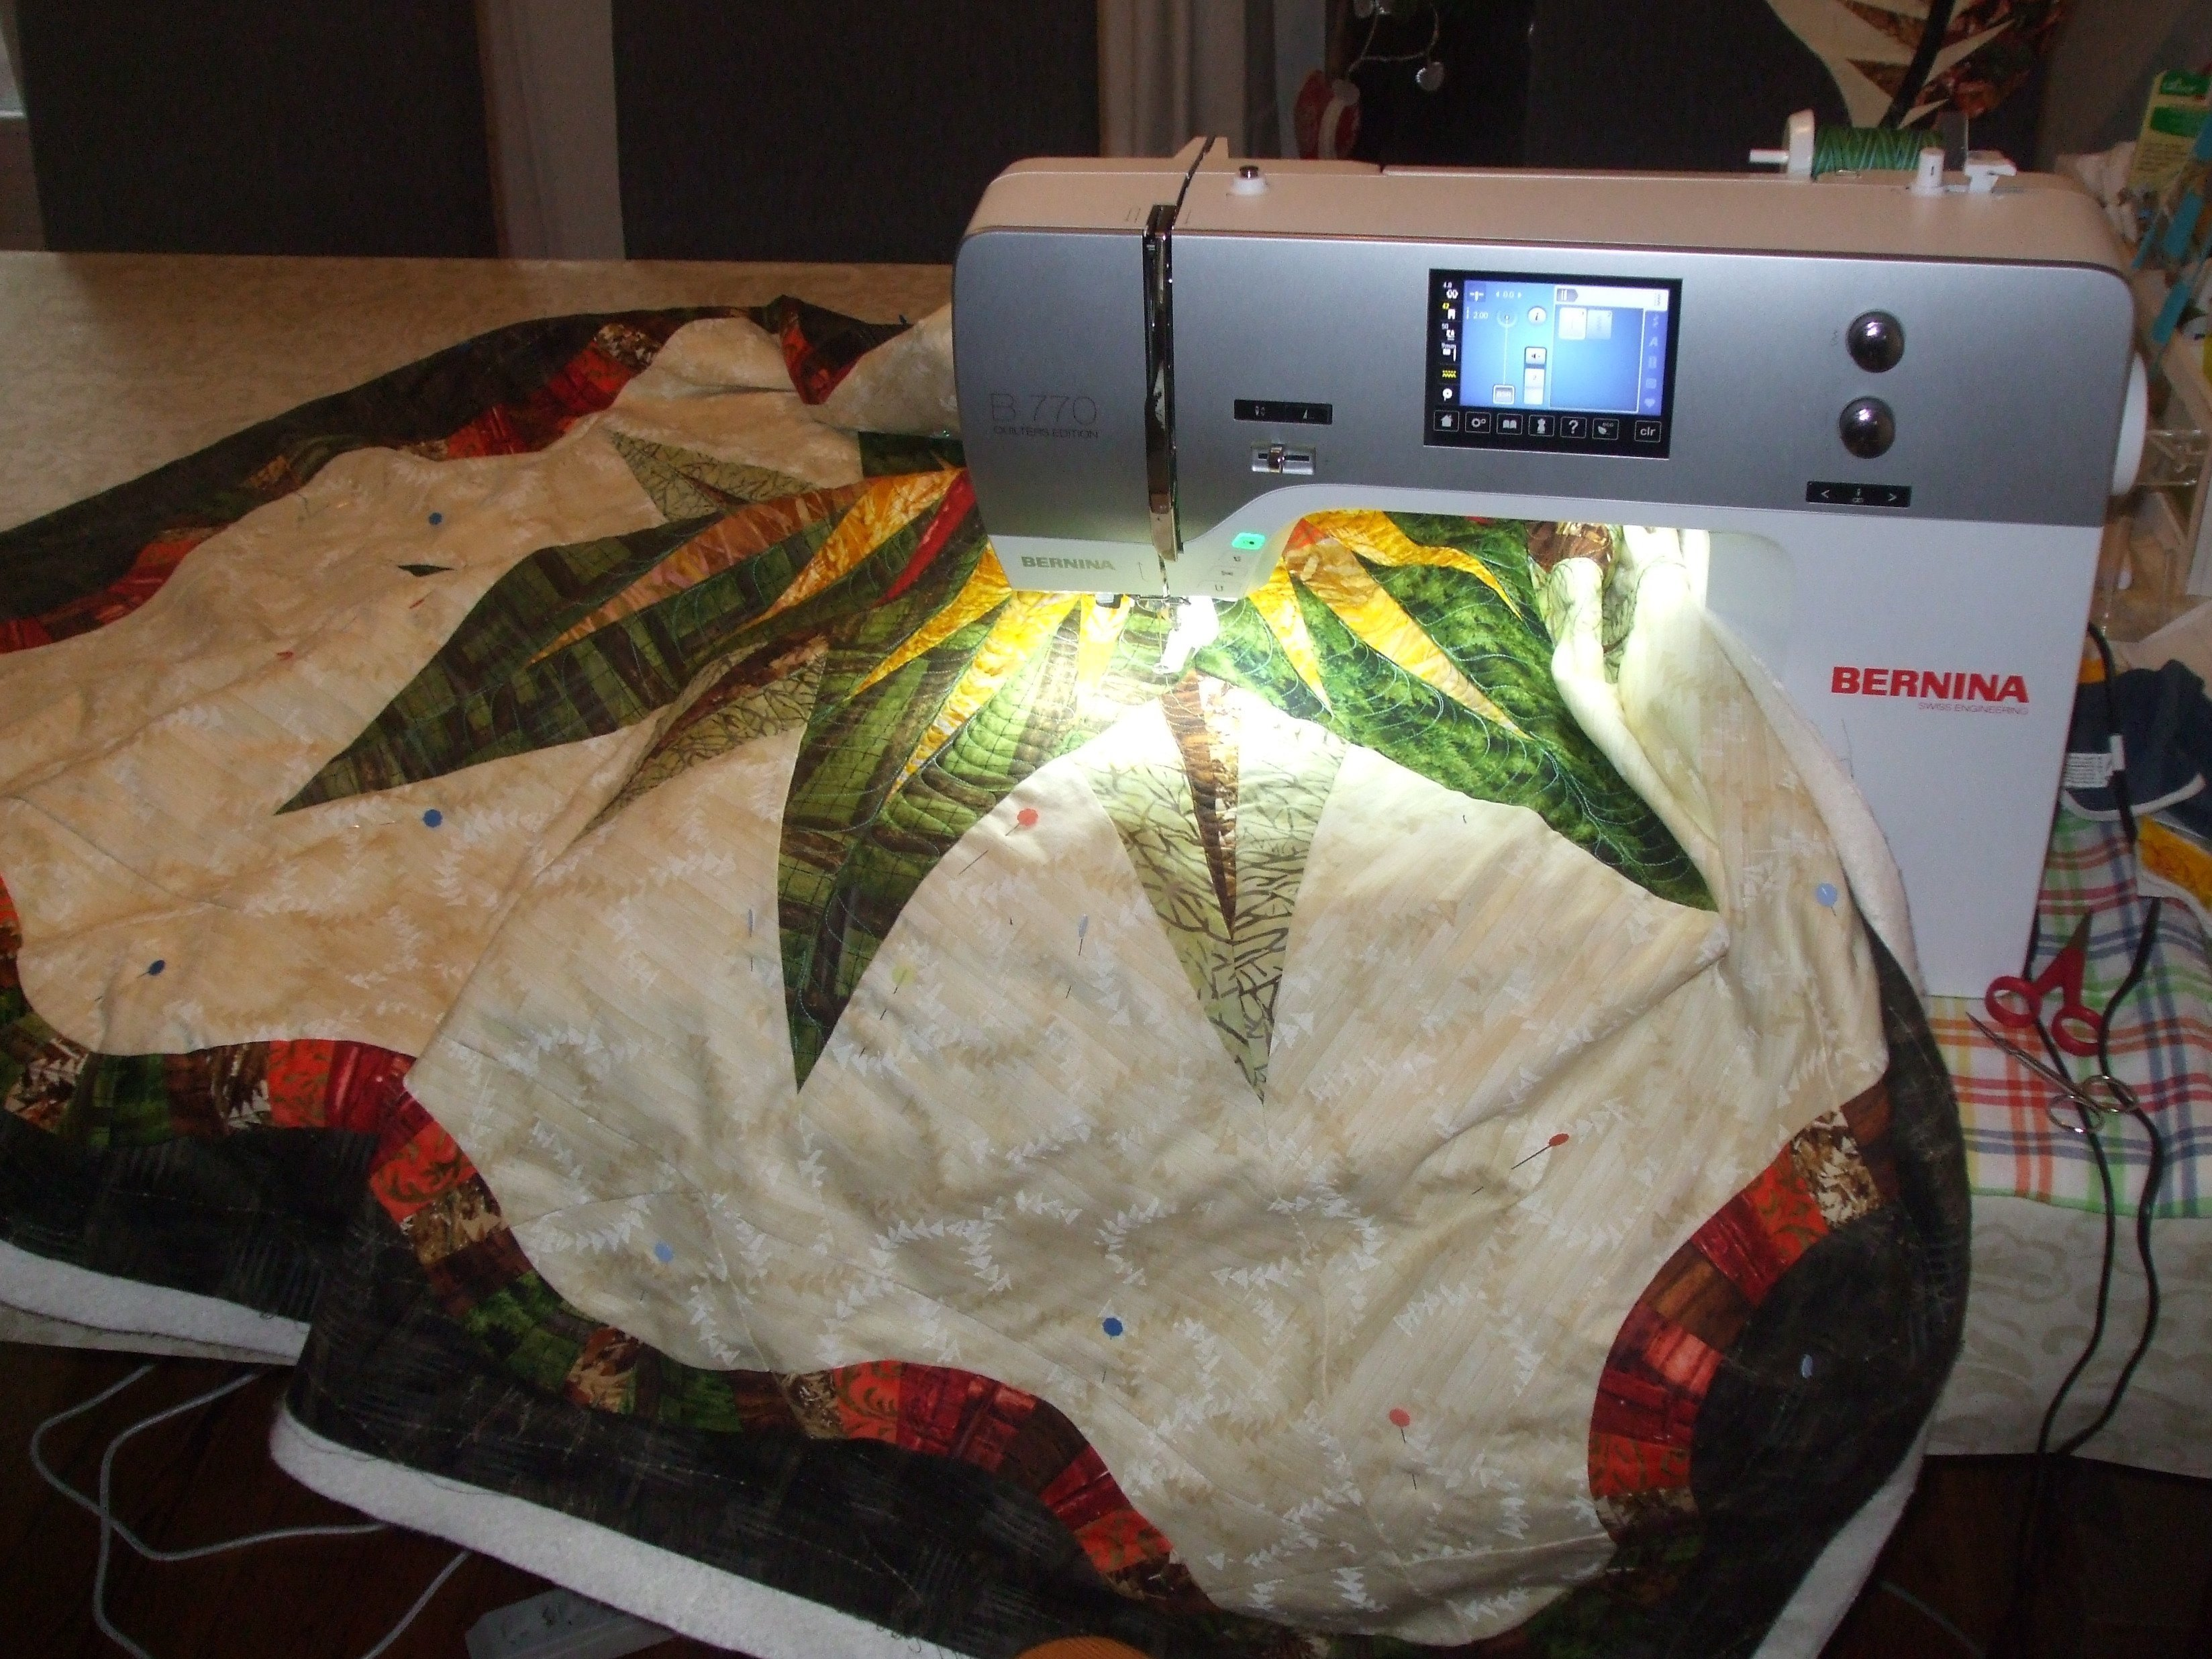 Naaimachine Voor Quilten.Een Middelgrote Quilt Onder Je Naaimachine Bernina Blog